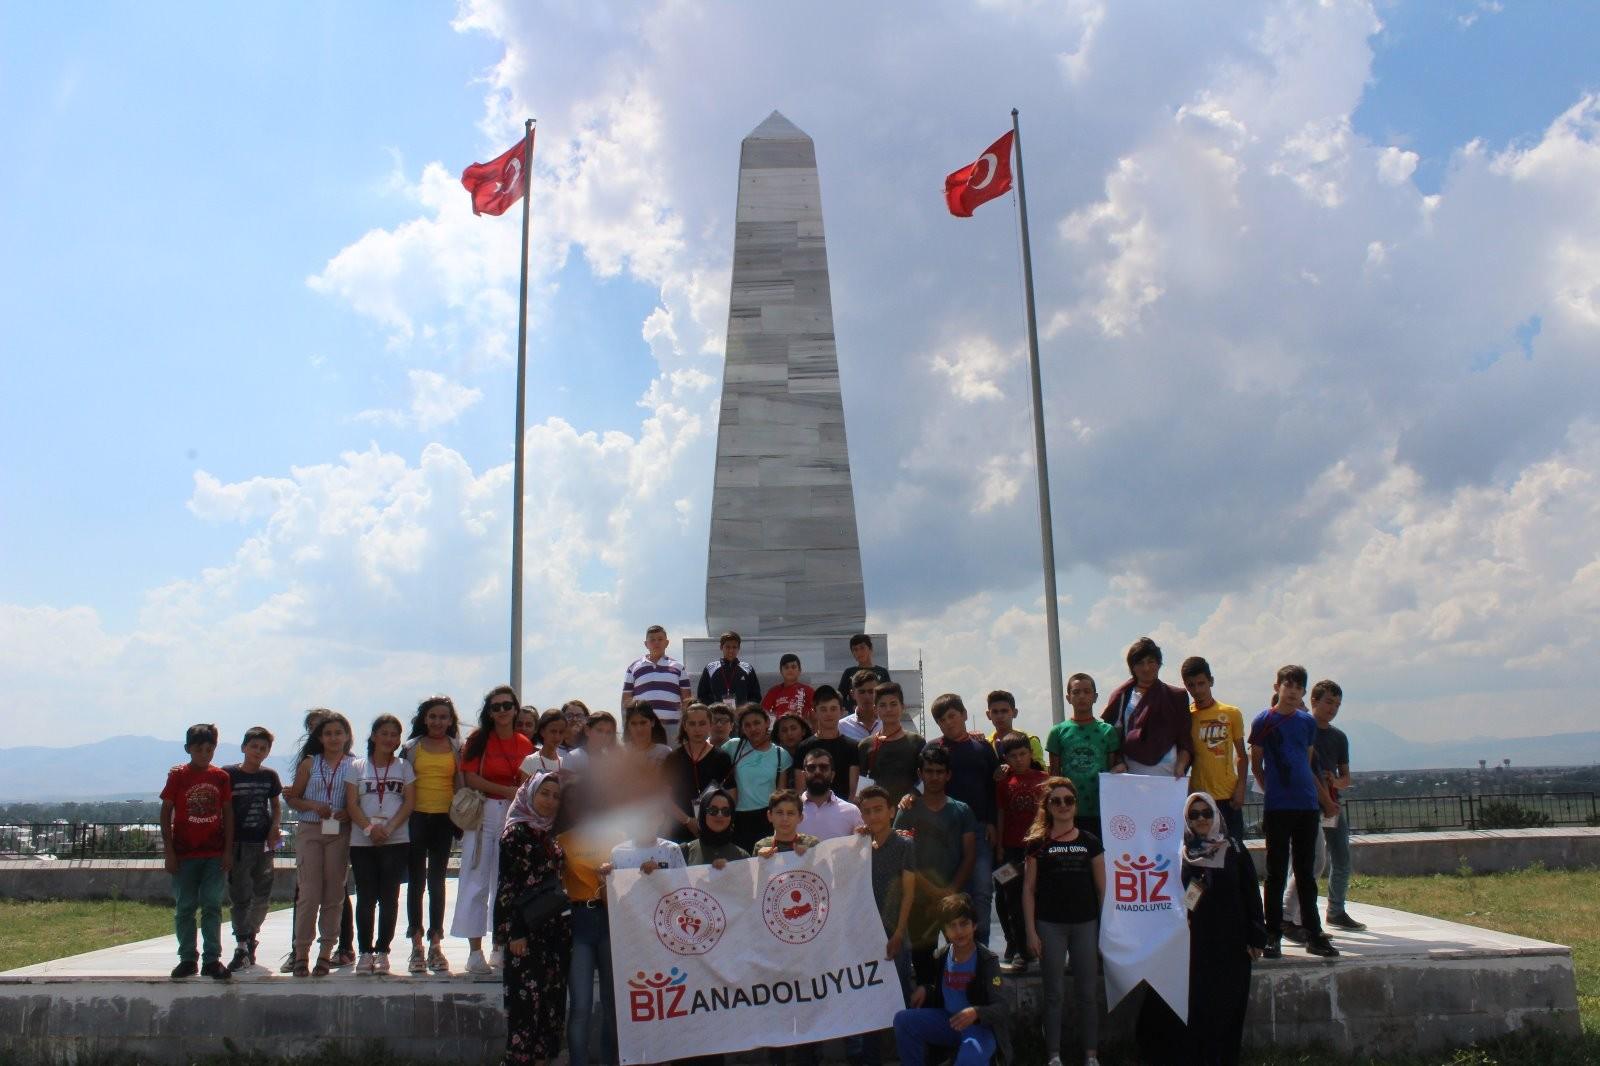 Kırıkkale'den gelen 40 kişilik öğrenci kafilesi Ağrı'yı gezdi